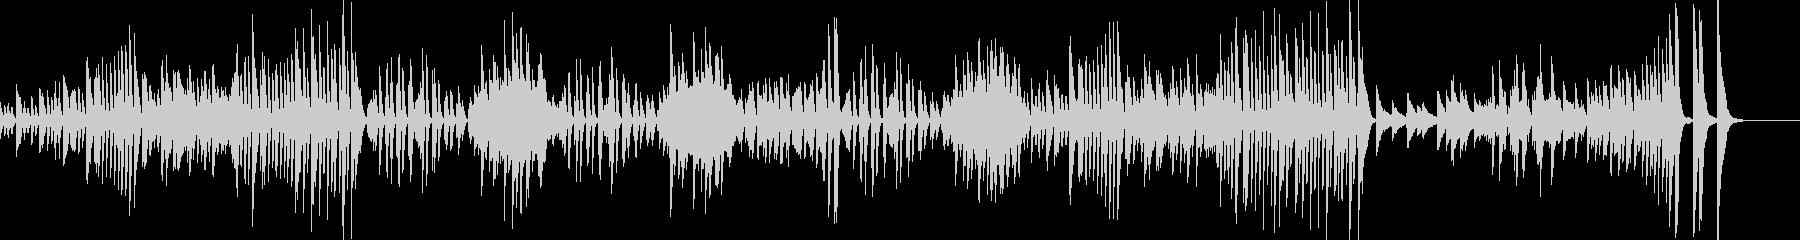 ピアノ連弾 ドリー 「ミアウ」/フォーレの未再生の波形